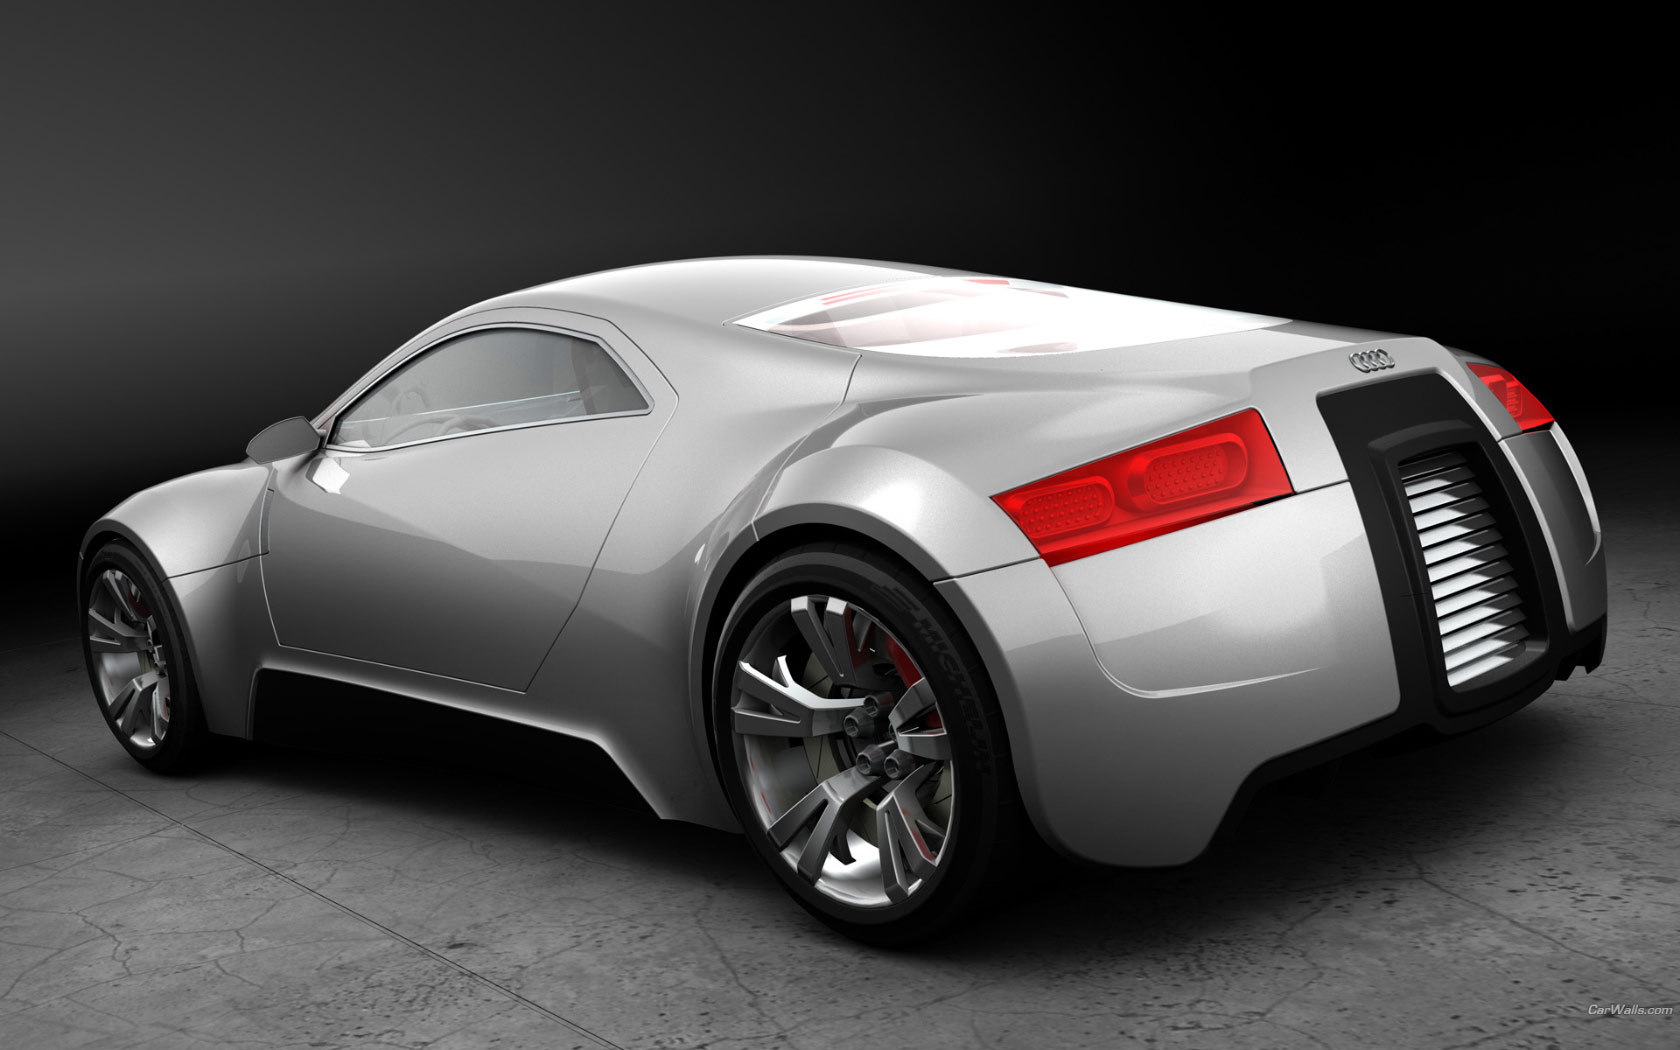 10683 скачать обои Транспорт, Машины, Ауди (Audi) - заставки и картинки бесплатно